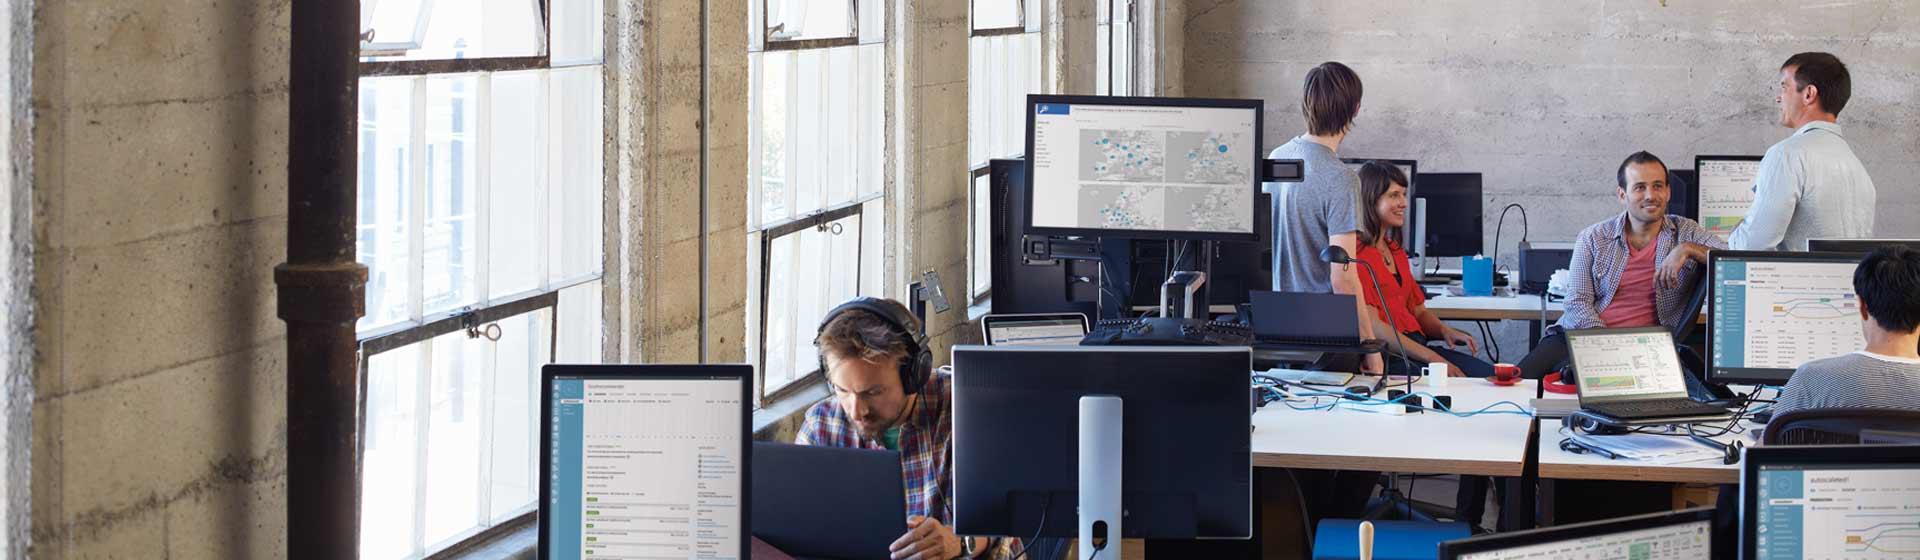 Obrázok skupiny spolupracovníkov vkancelárii plnej počítačov so spustenými službami Office 365, niektorí sedia alebo stoja pri stoloch